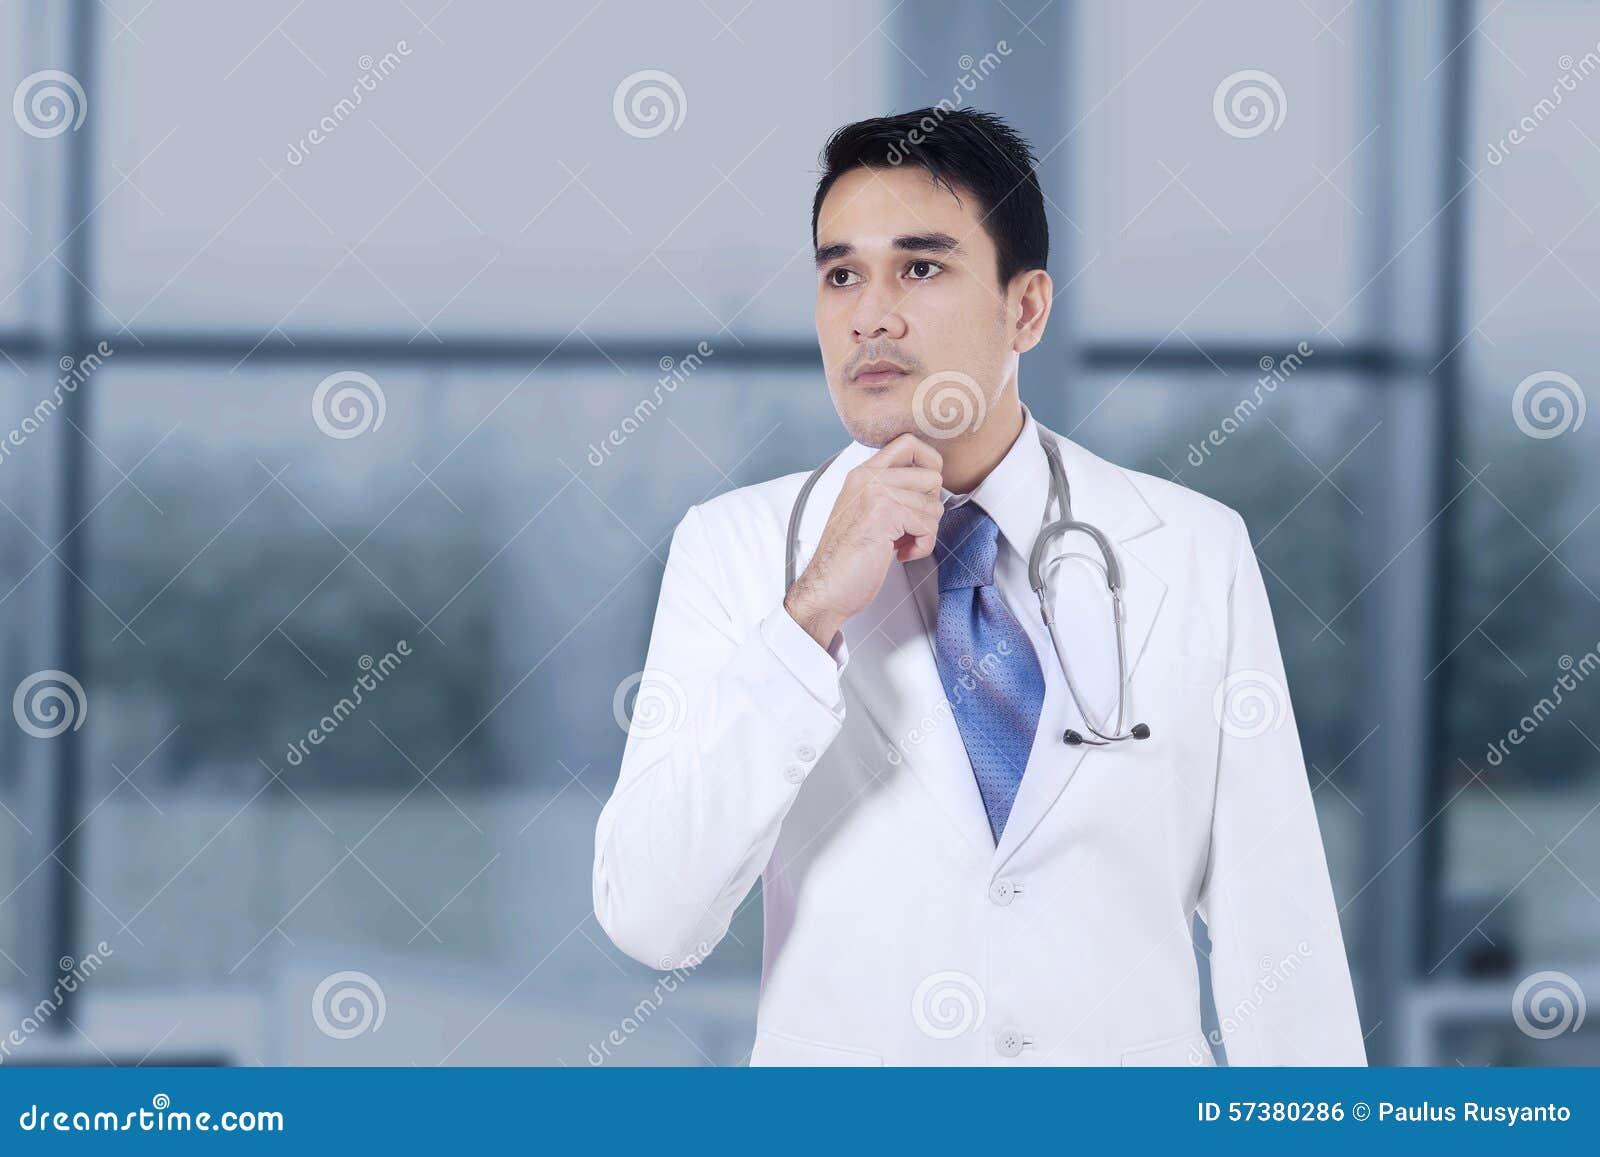 Nadenkende arts met hand op kin